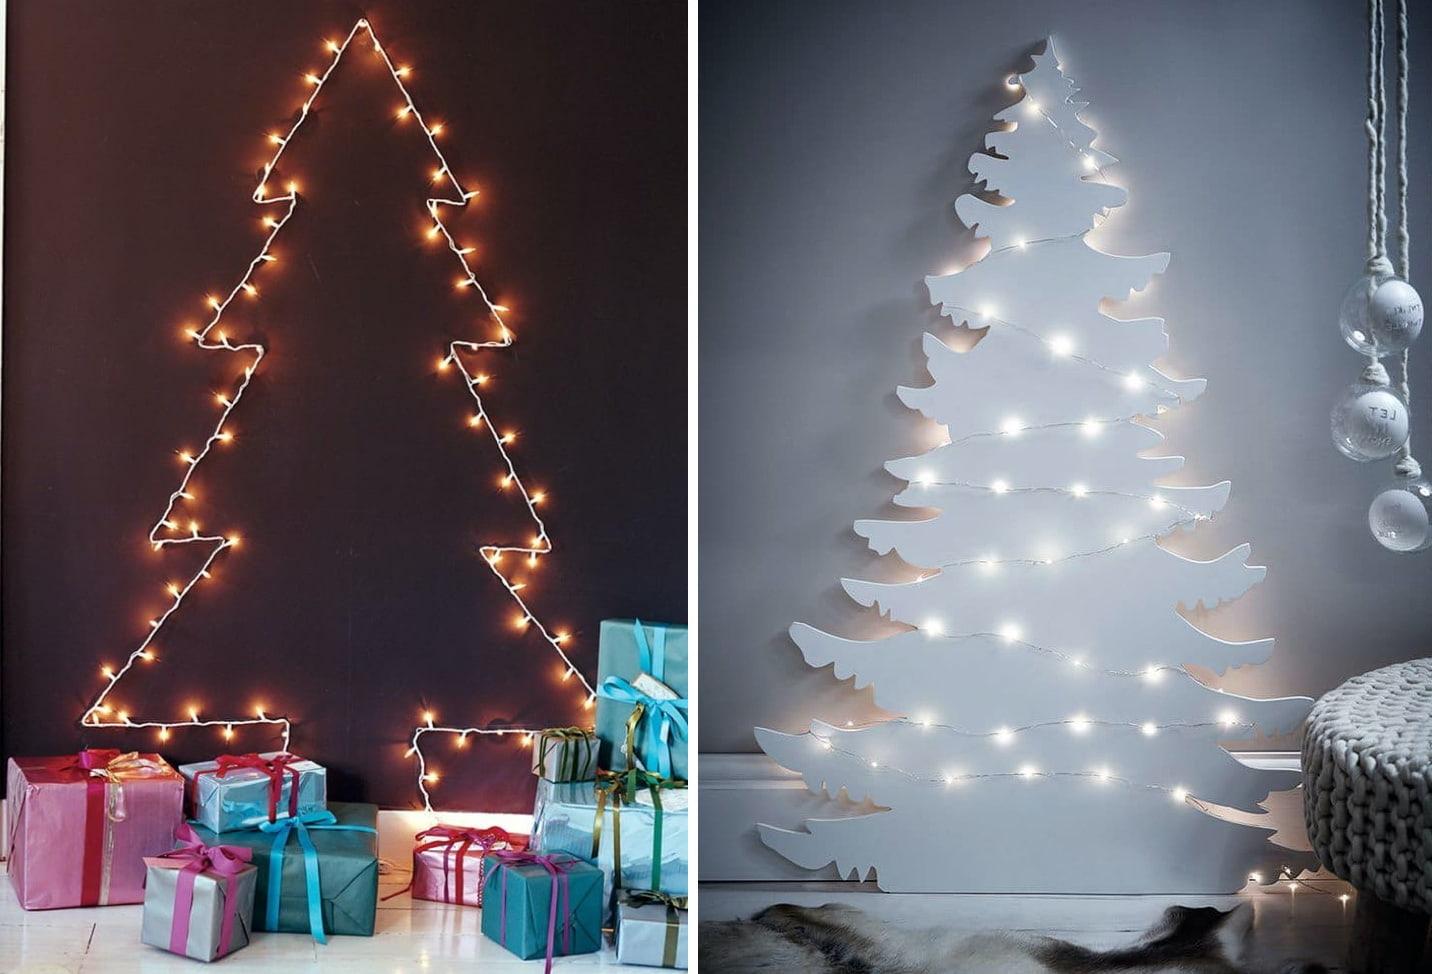 Vytvořit atmosféru novoroční dovolené, koupit živého stromu vůbec